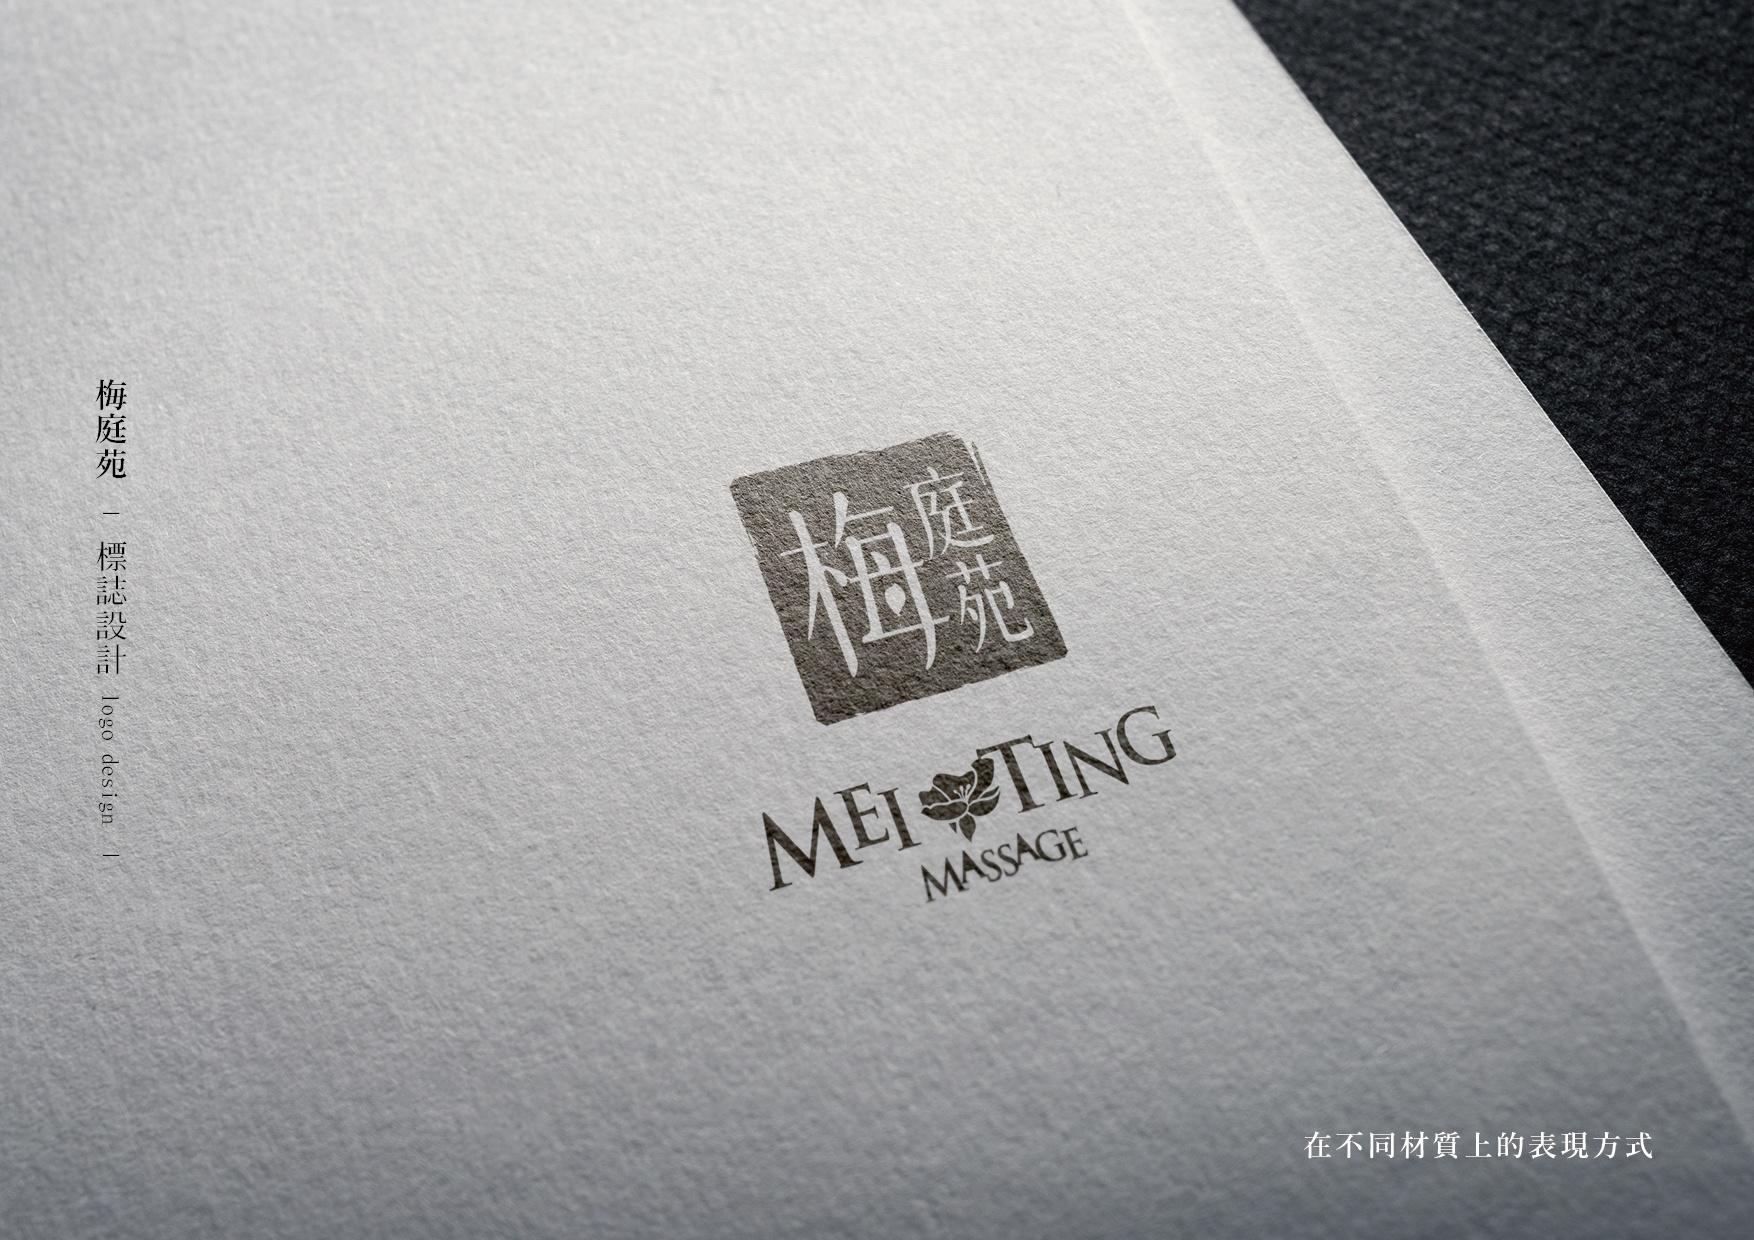 梅庭苑-品牌設計-品牌設計公司-品牌規劃-品牌設計公司 台北-品牌設計公司推薦-台北品牌設計-品牌設計師-品牌設計理念-品牌設計費用-品牌設計範例-品牌設計圖-品牌設計流程-品牌設計規劃-品牌規劃設計-品牌設計流程-品牌設計app-品牌設計費用-logo設計-logo設計公司--logo設計價格-logo設計範例-logo設計圖片-logo設計範例-logo設計規範-logo設計樣式-logo設計圖-logo設計師-logo設計公司推薦-logo設計圖片-logo設計流程-logo設計意思-logo設計概念-logo設計參考-商標設計-標誌設計-logo設計流程